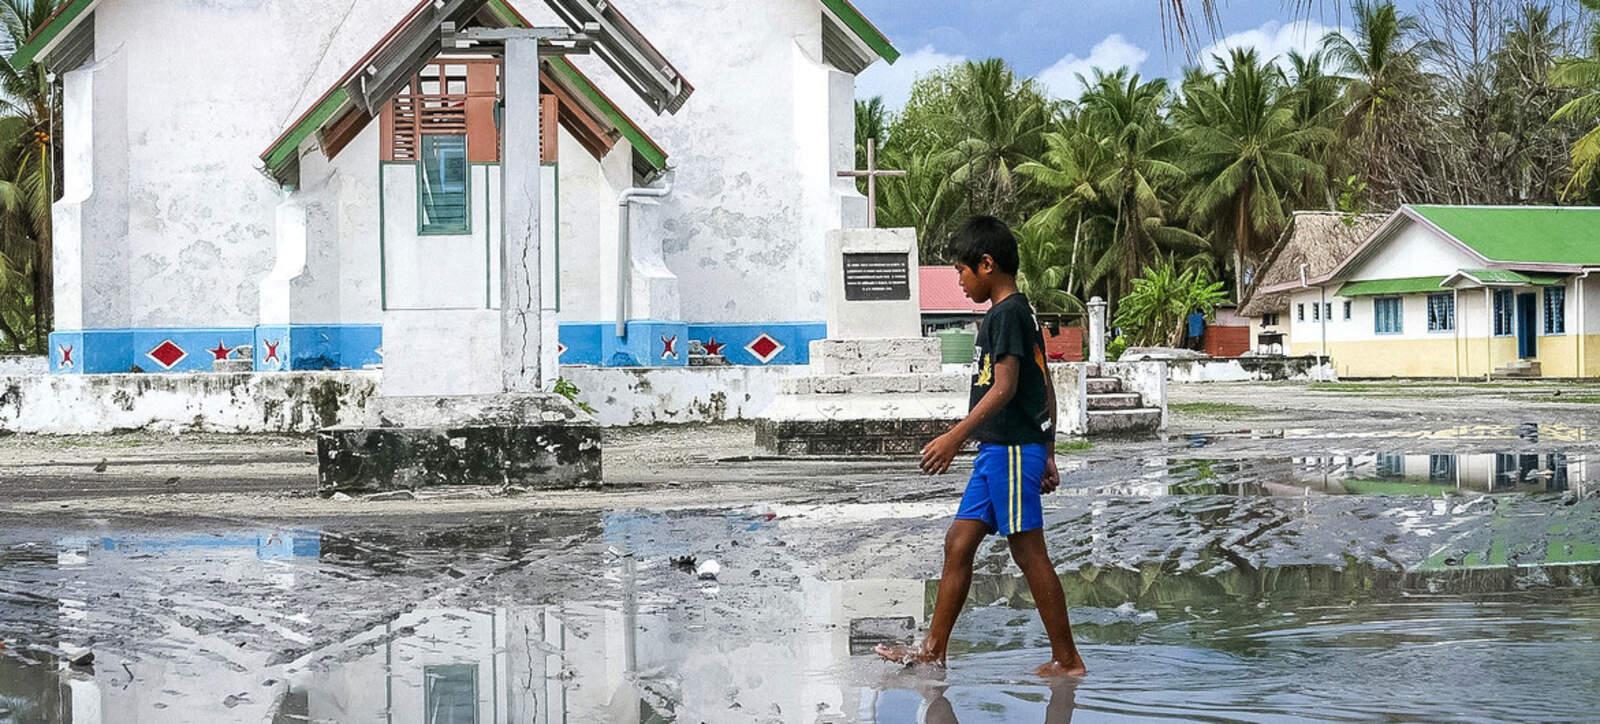 L'arxipèlag de Tuvalu, al Pacífic Sud, és altament vulnerable a la pujada de l'nivell de la mar provocada pel canvi climàtic